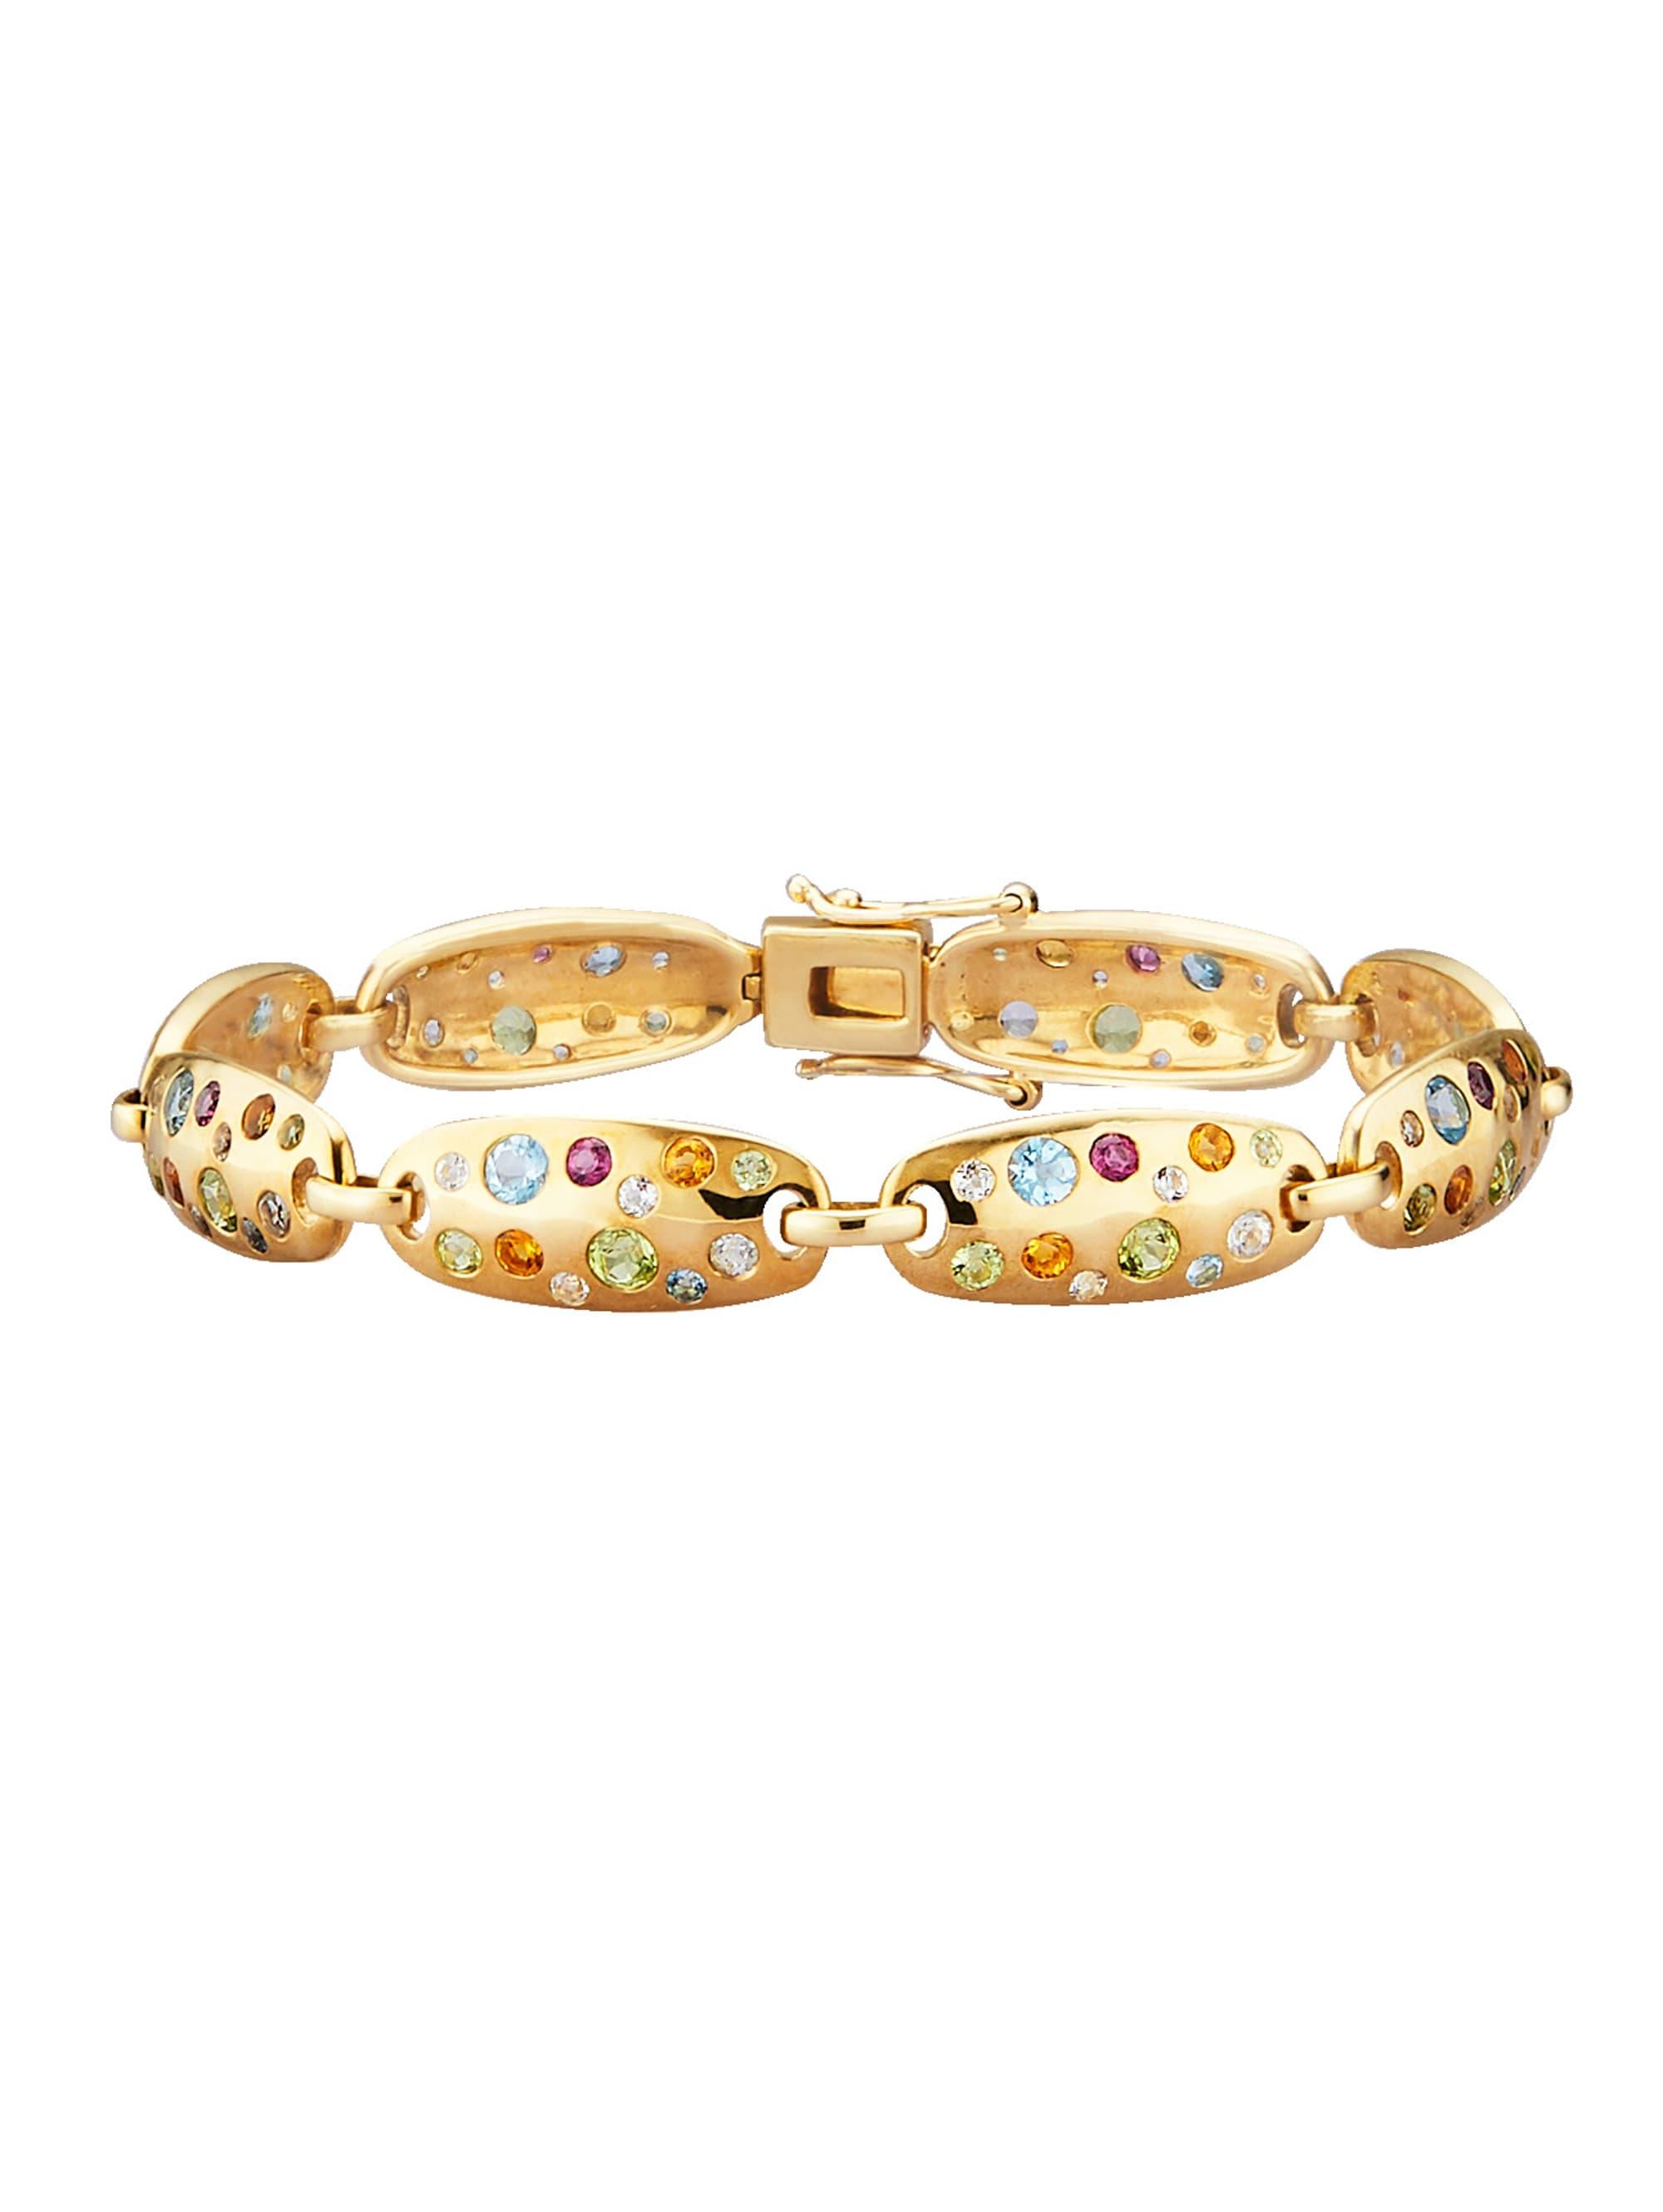 Diemer Farbstein Armband mit Farbsteinen q9b9k